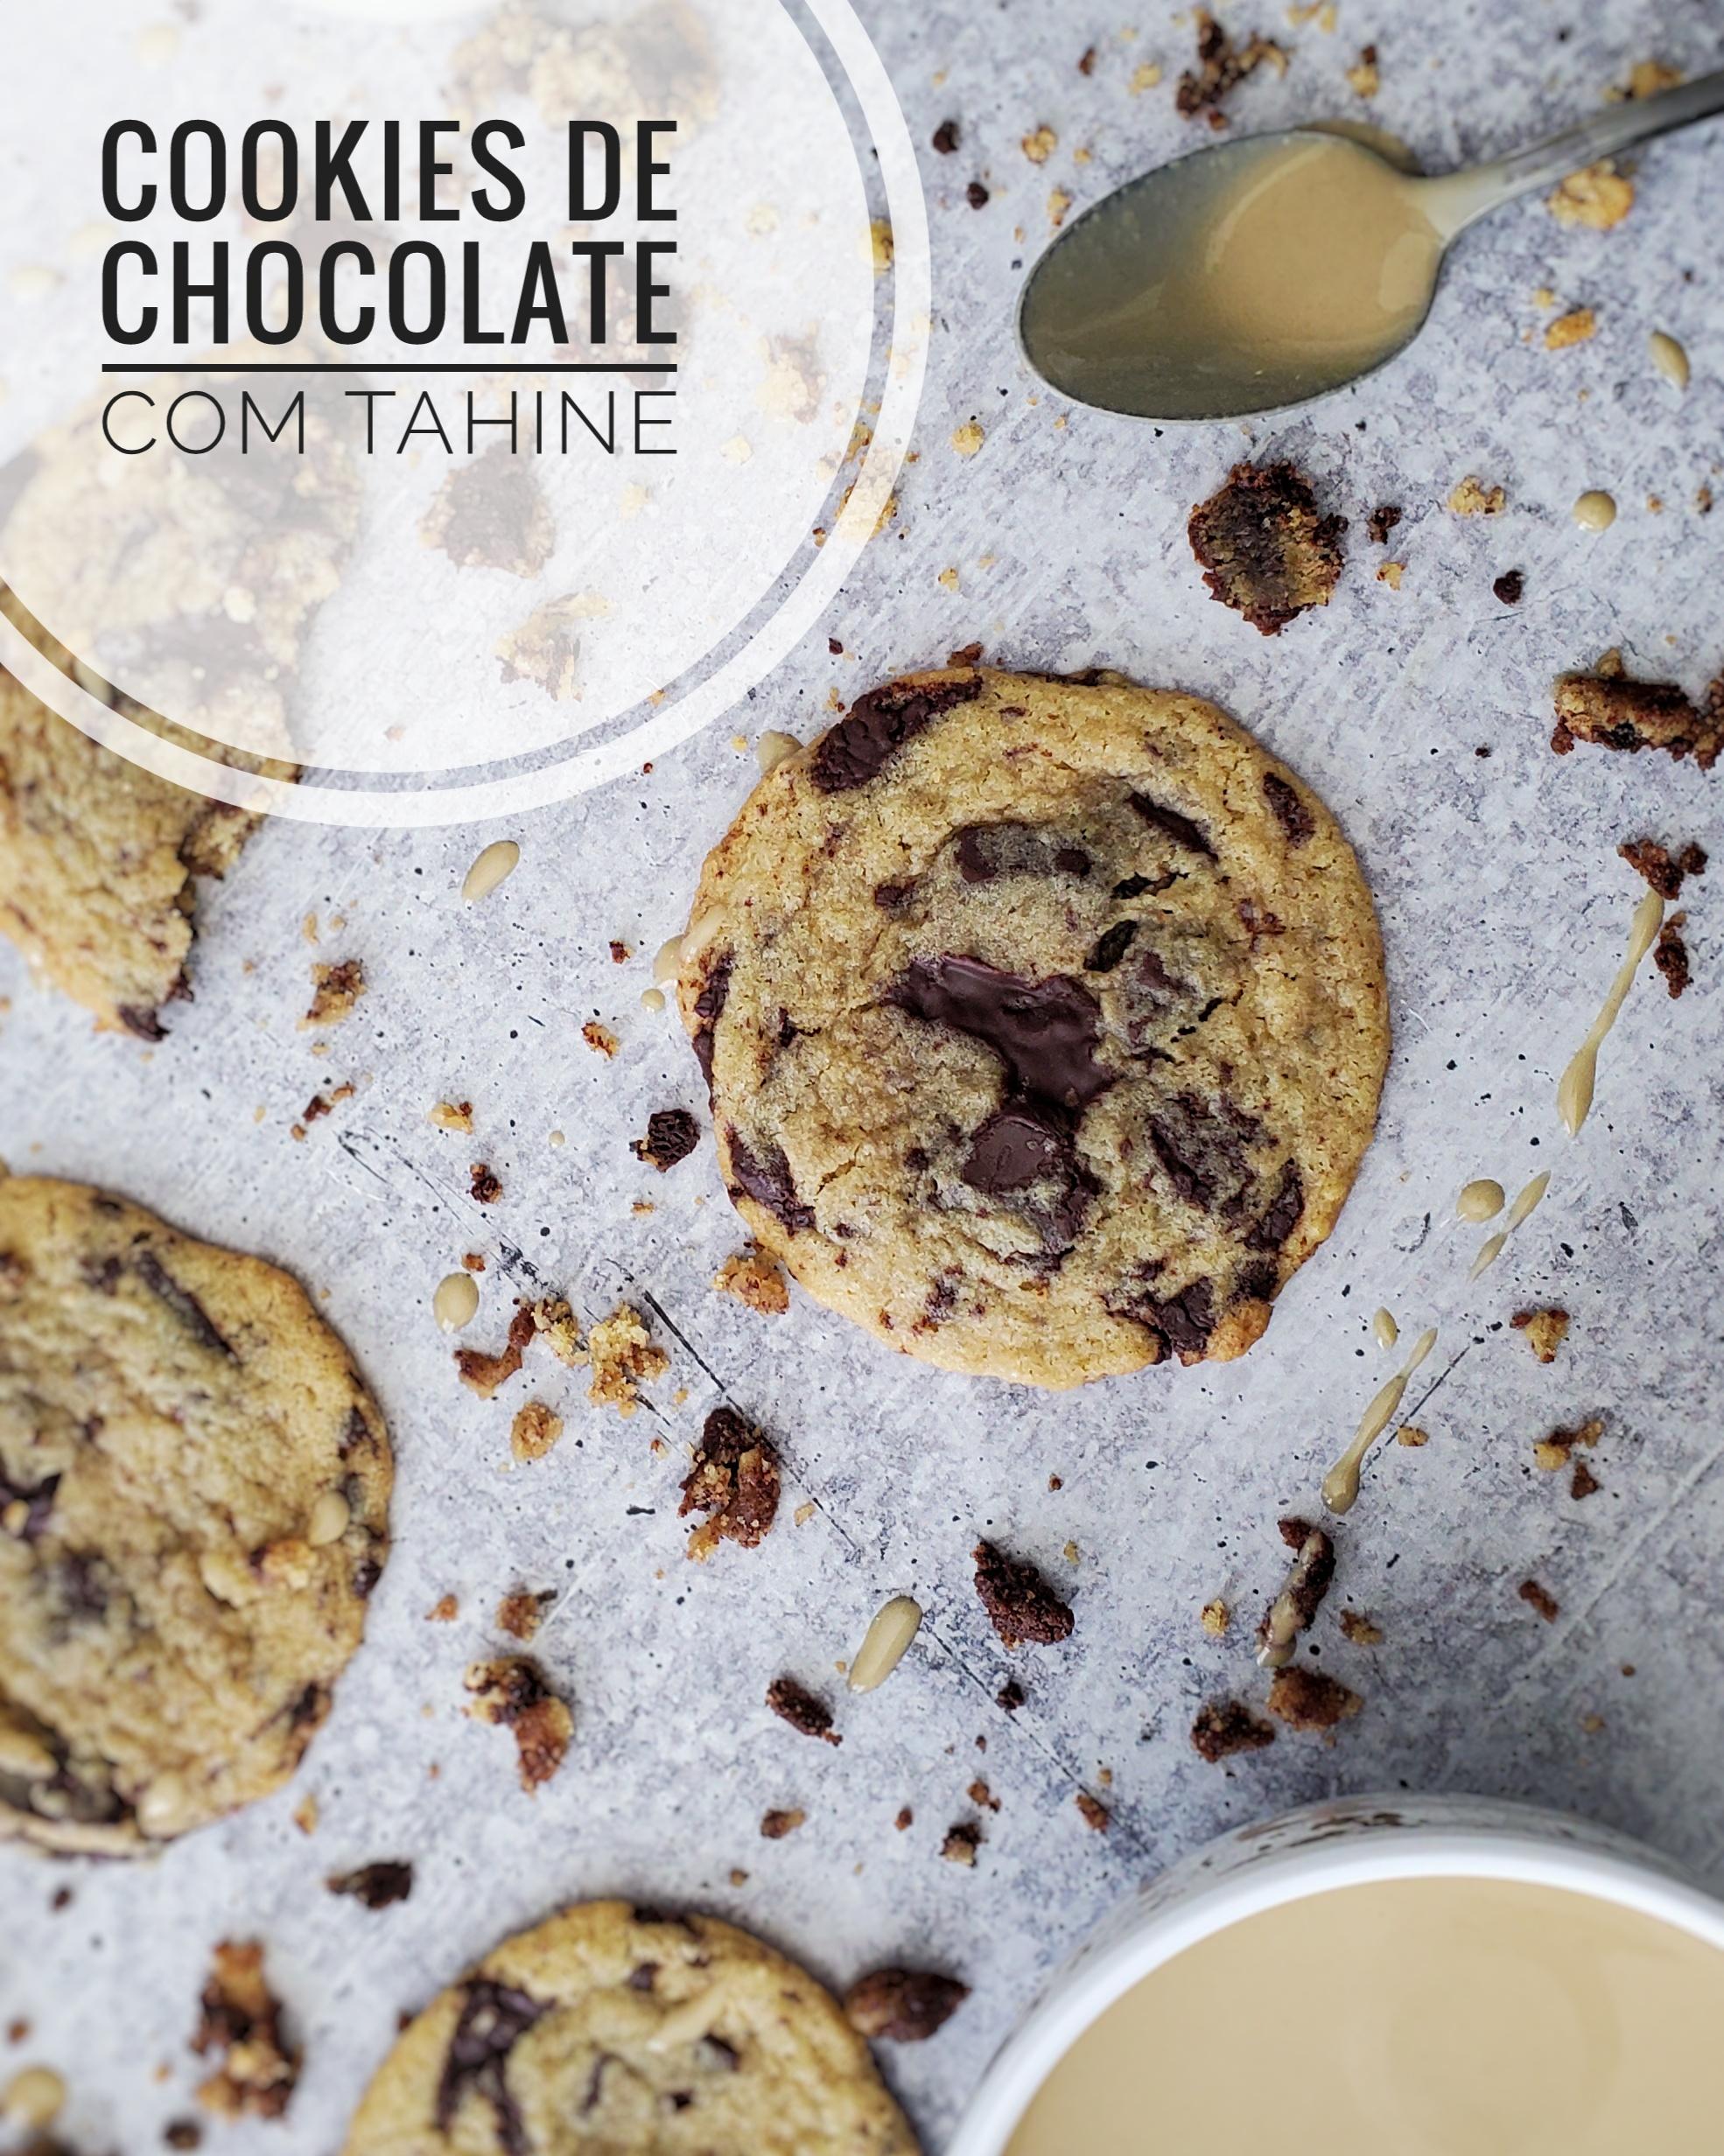 Cookies de Chocolate com Tahine